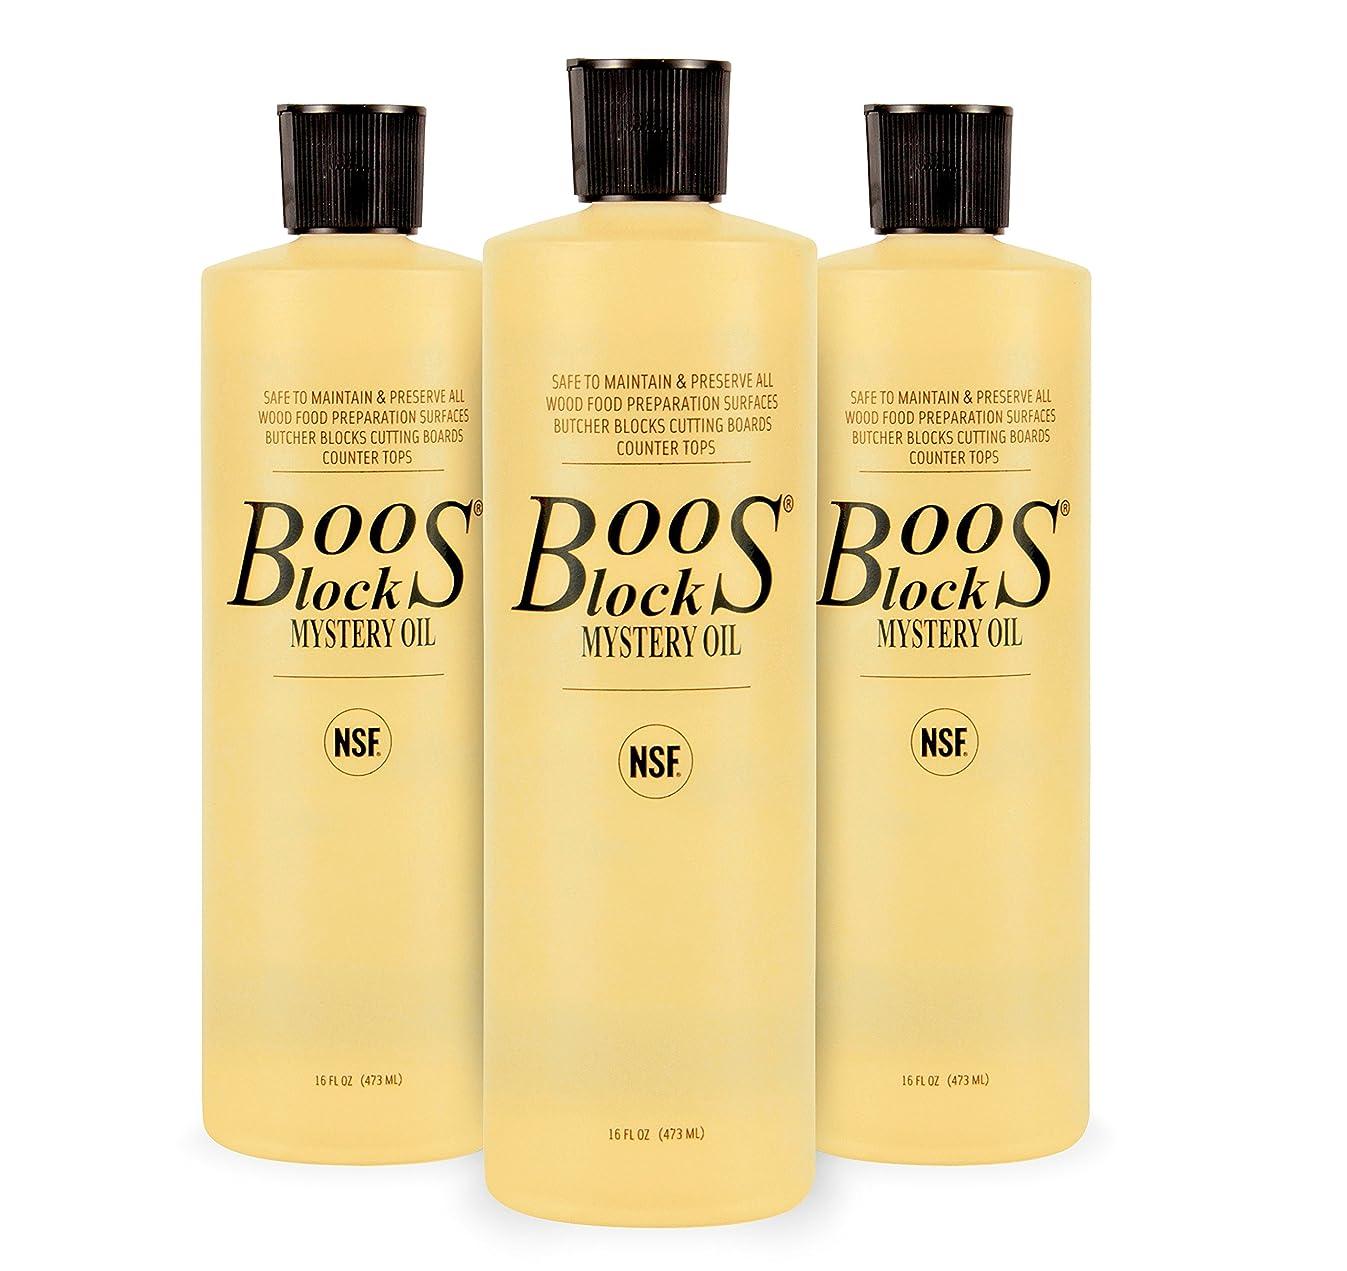 John Boos Block MYS-3 Mystery Butcher Block Oil, 16 Ounce Bottles, 3 Pack